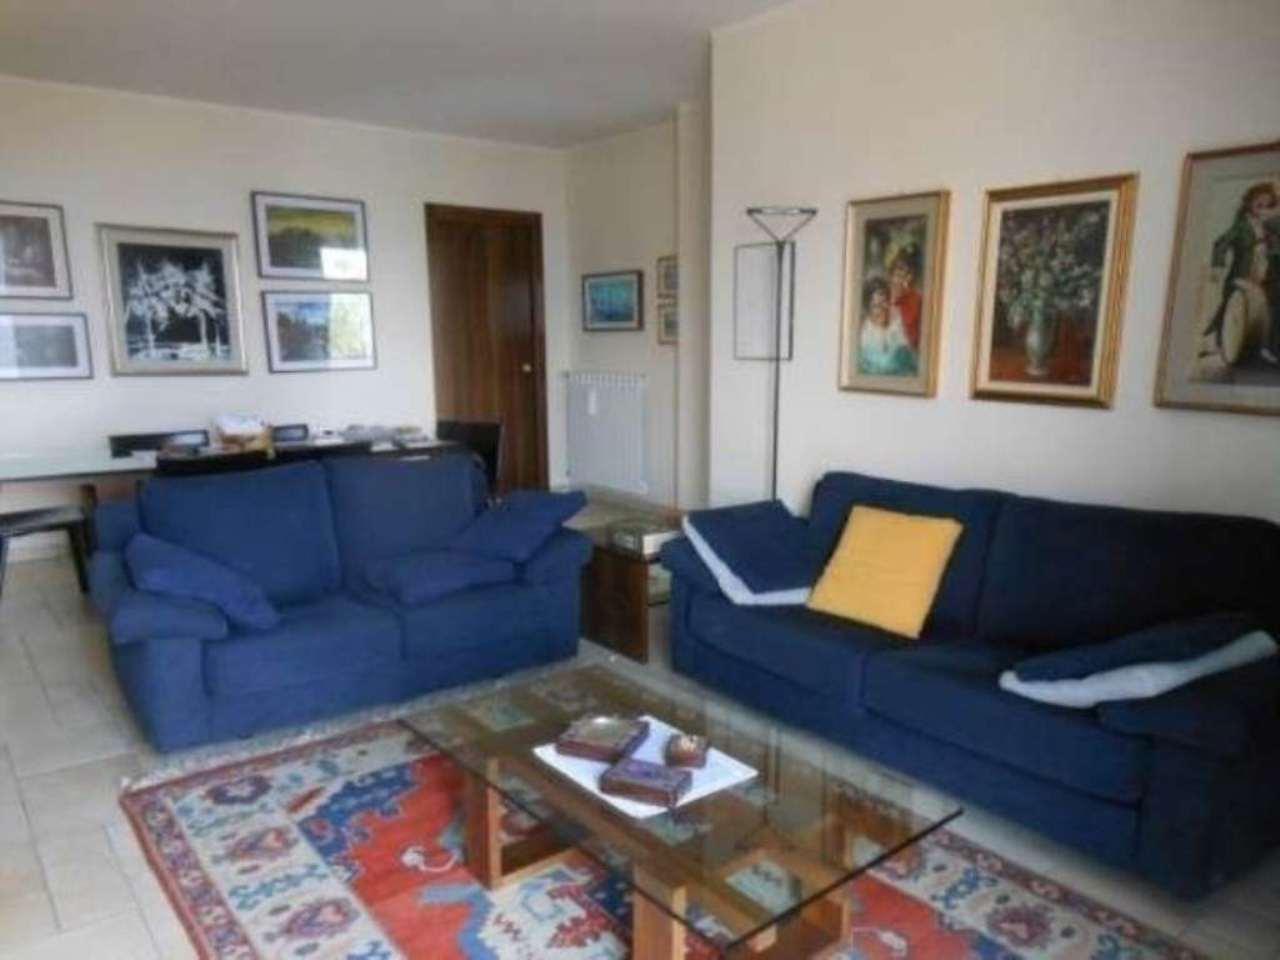 Villa in vendita a Luino, 6 locali, Trattative riservate | CambioCasa.it